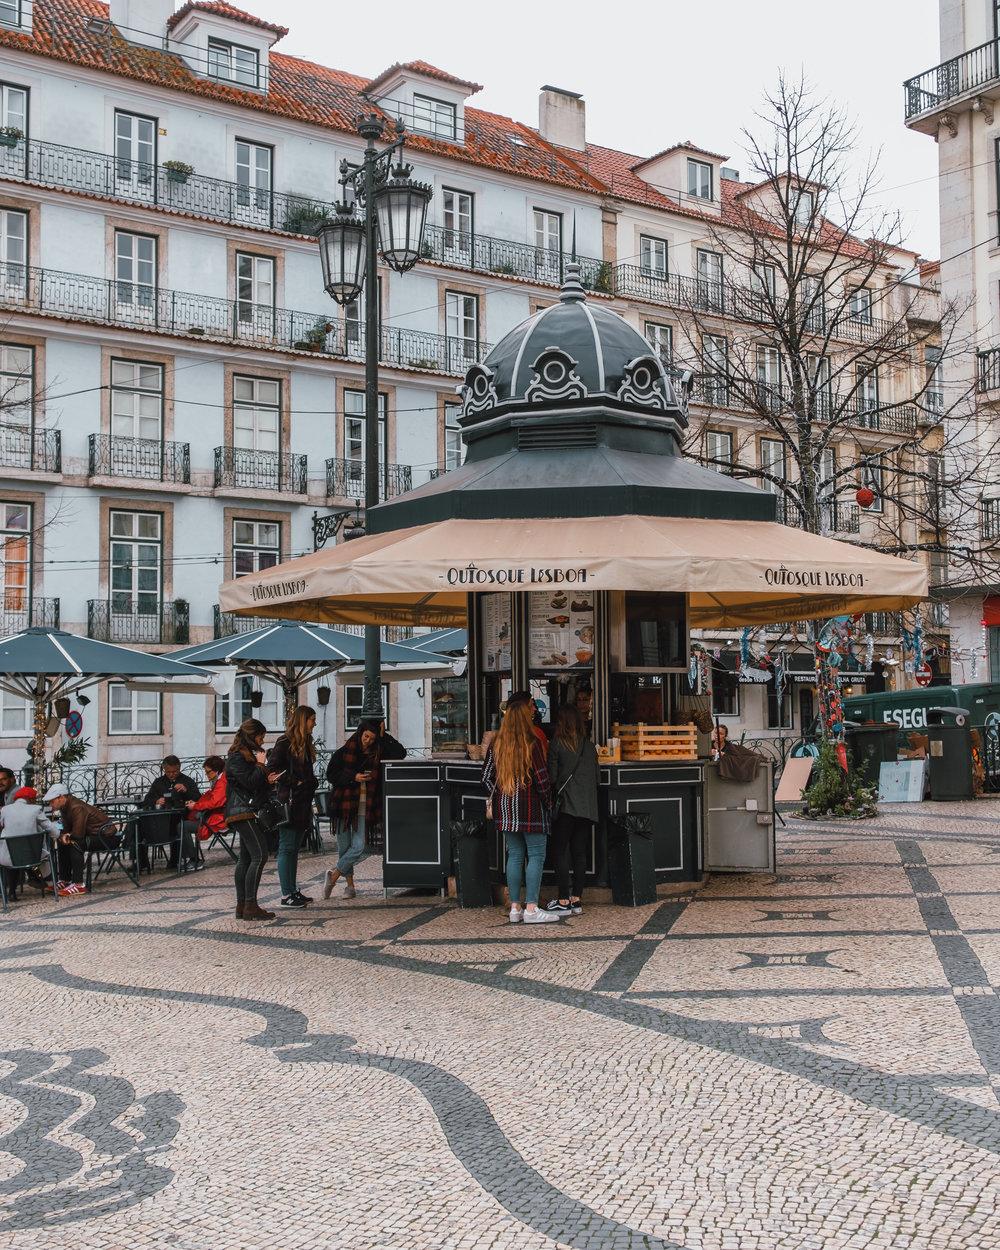 bairro alto+lissabon